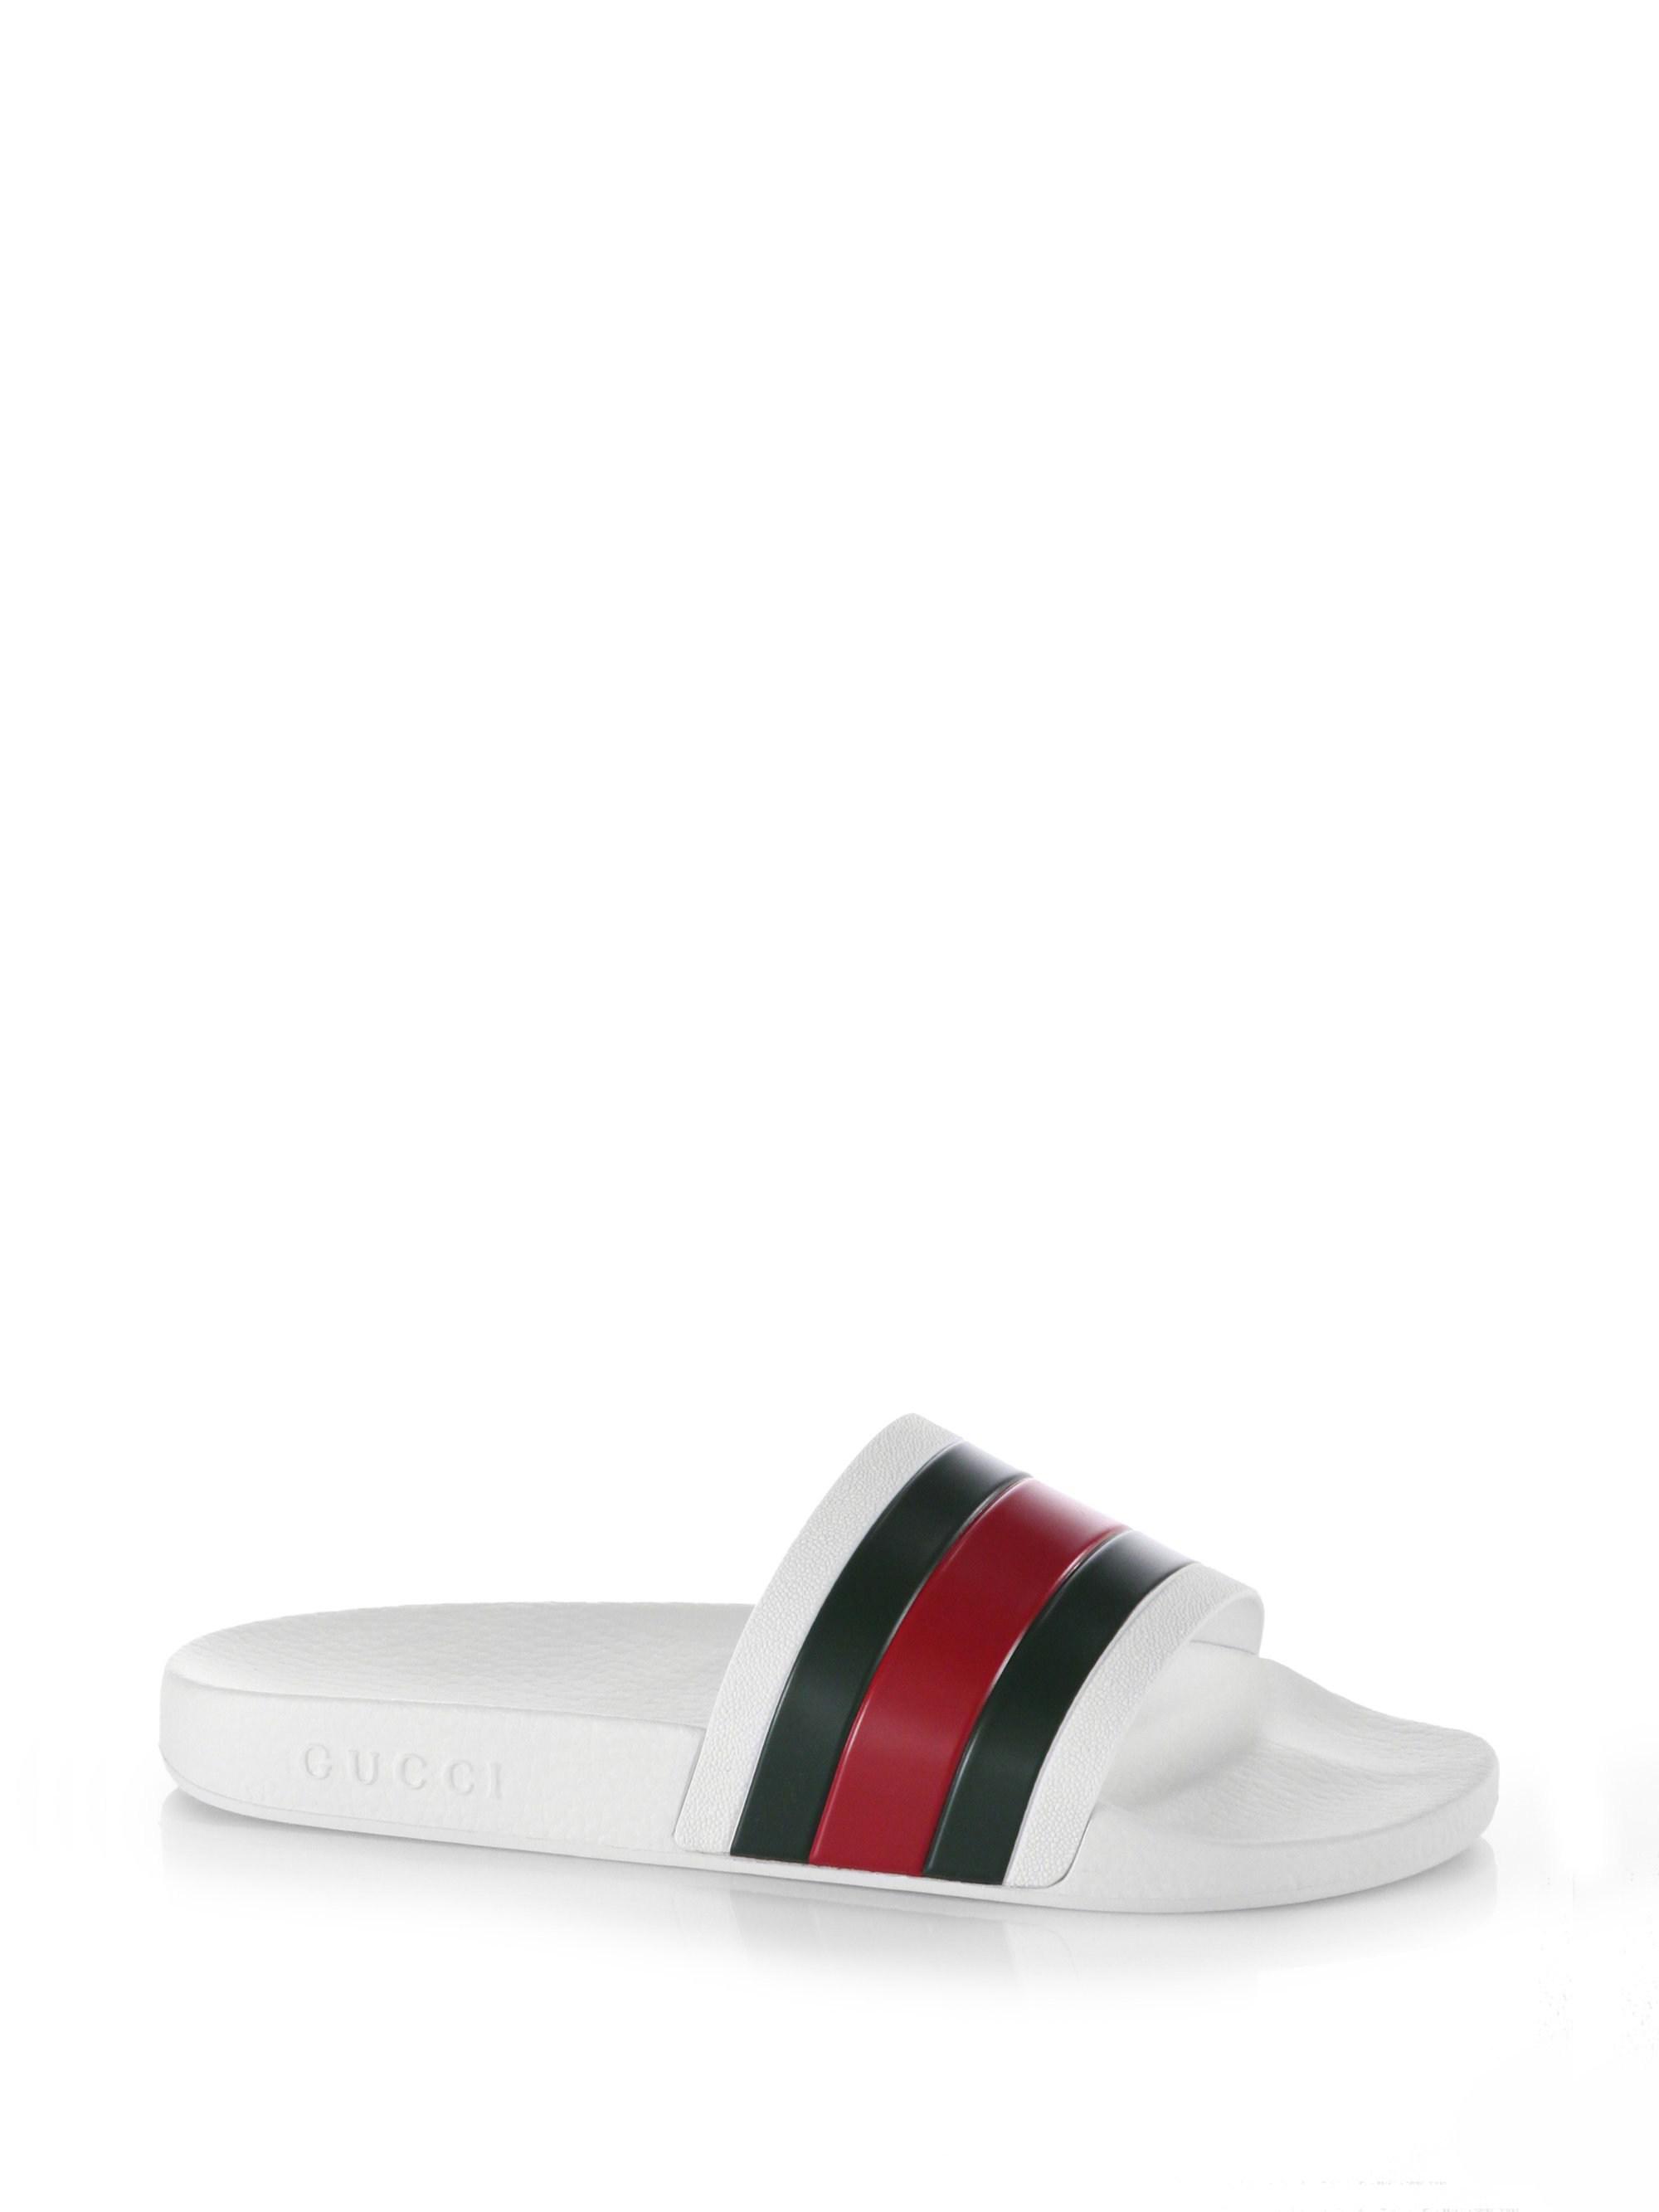 95dfea010da58 Gucci White Pursuit Slides in White for Men - Save 16% - Lyst